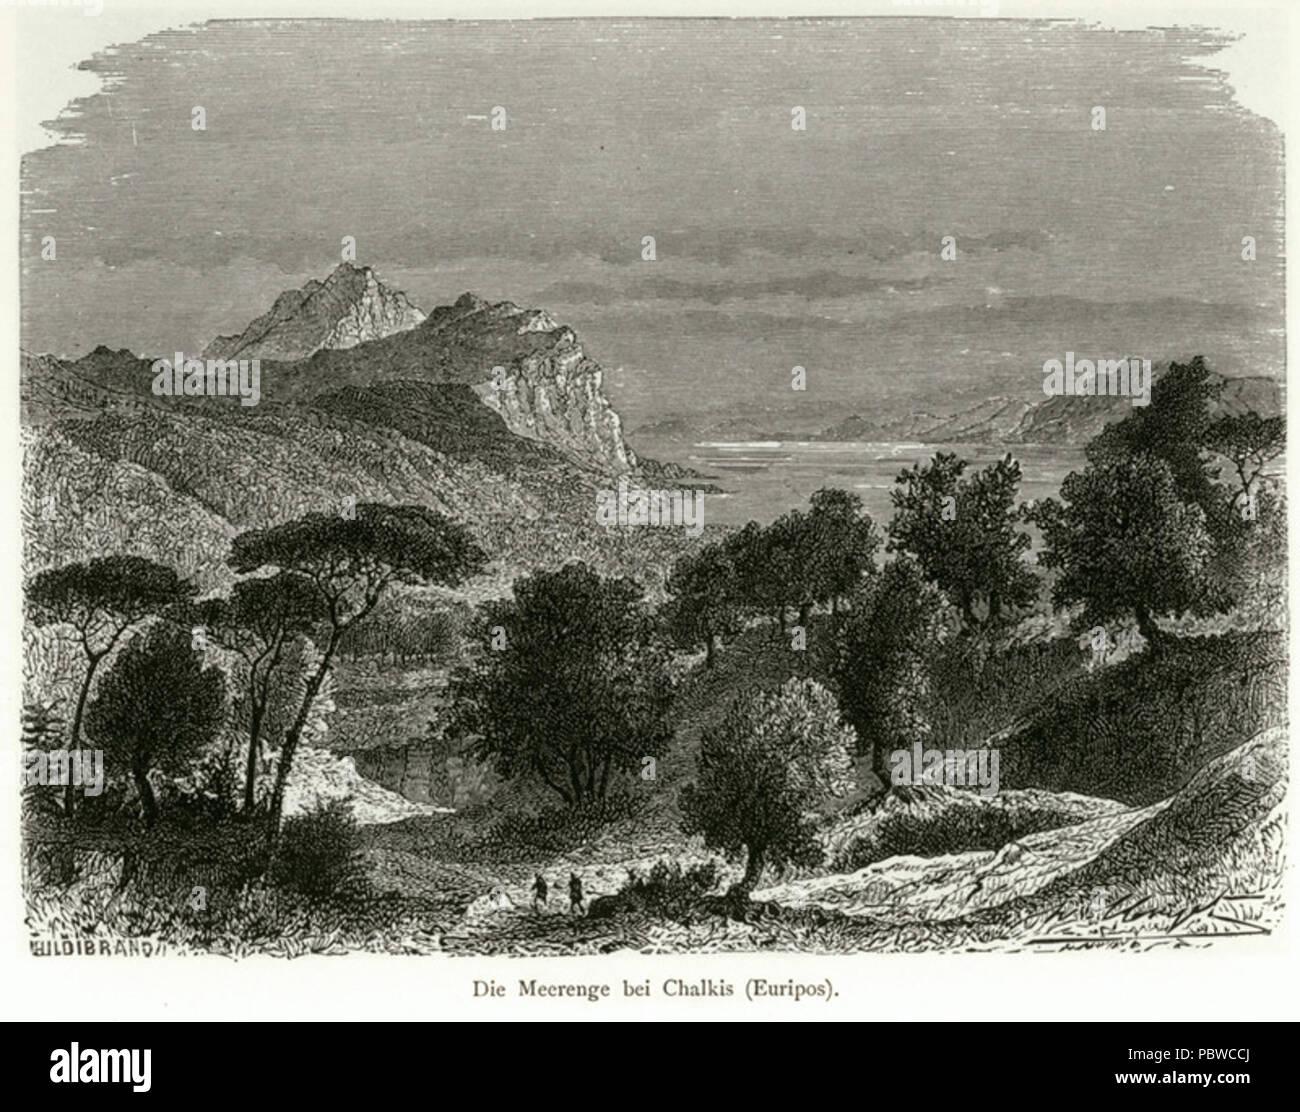 163 Die Meerenge bei Chalkis (Euripos) - Schweiger Lerchenfeld Amand (freiherr Von) - 1887 Stock Photo